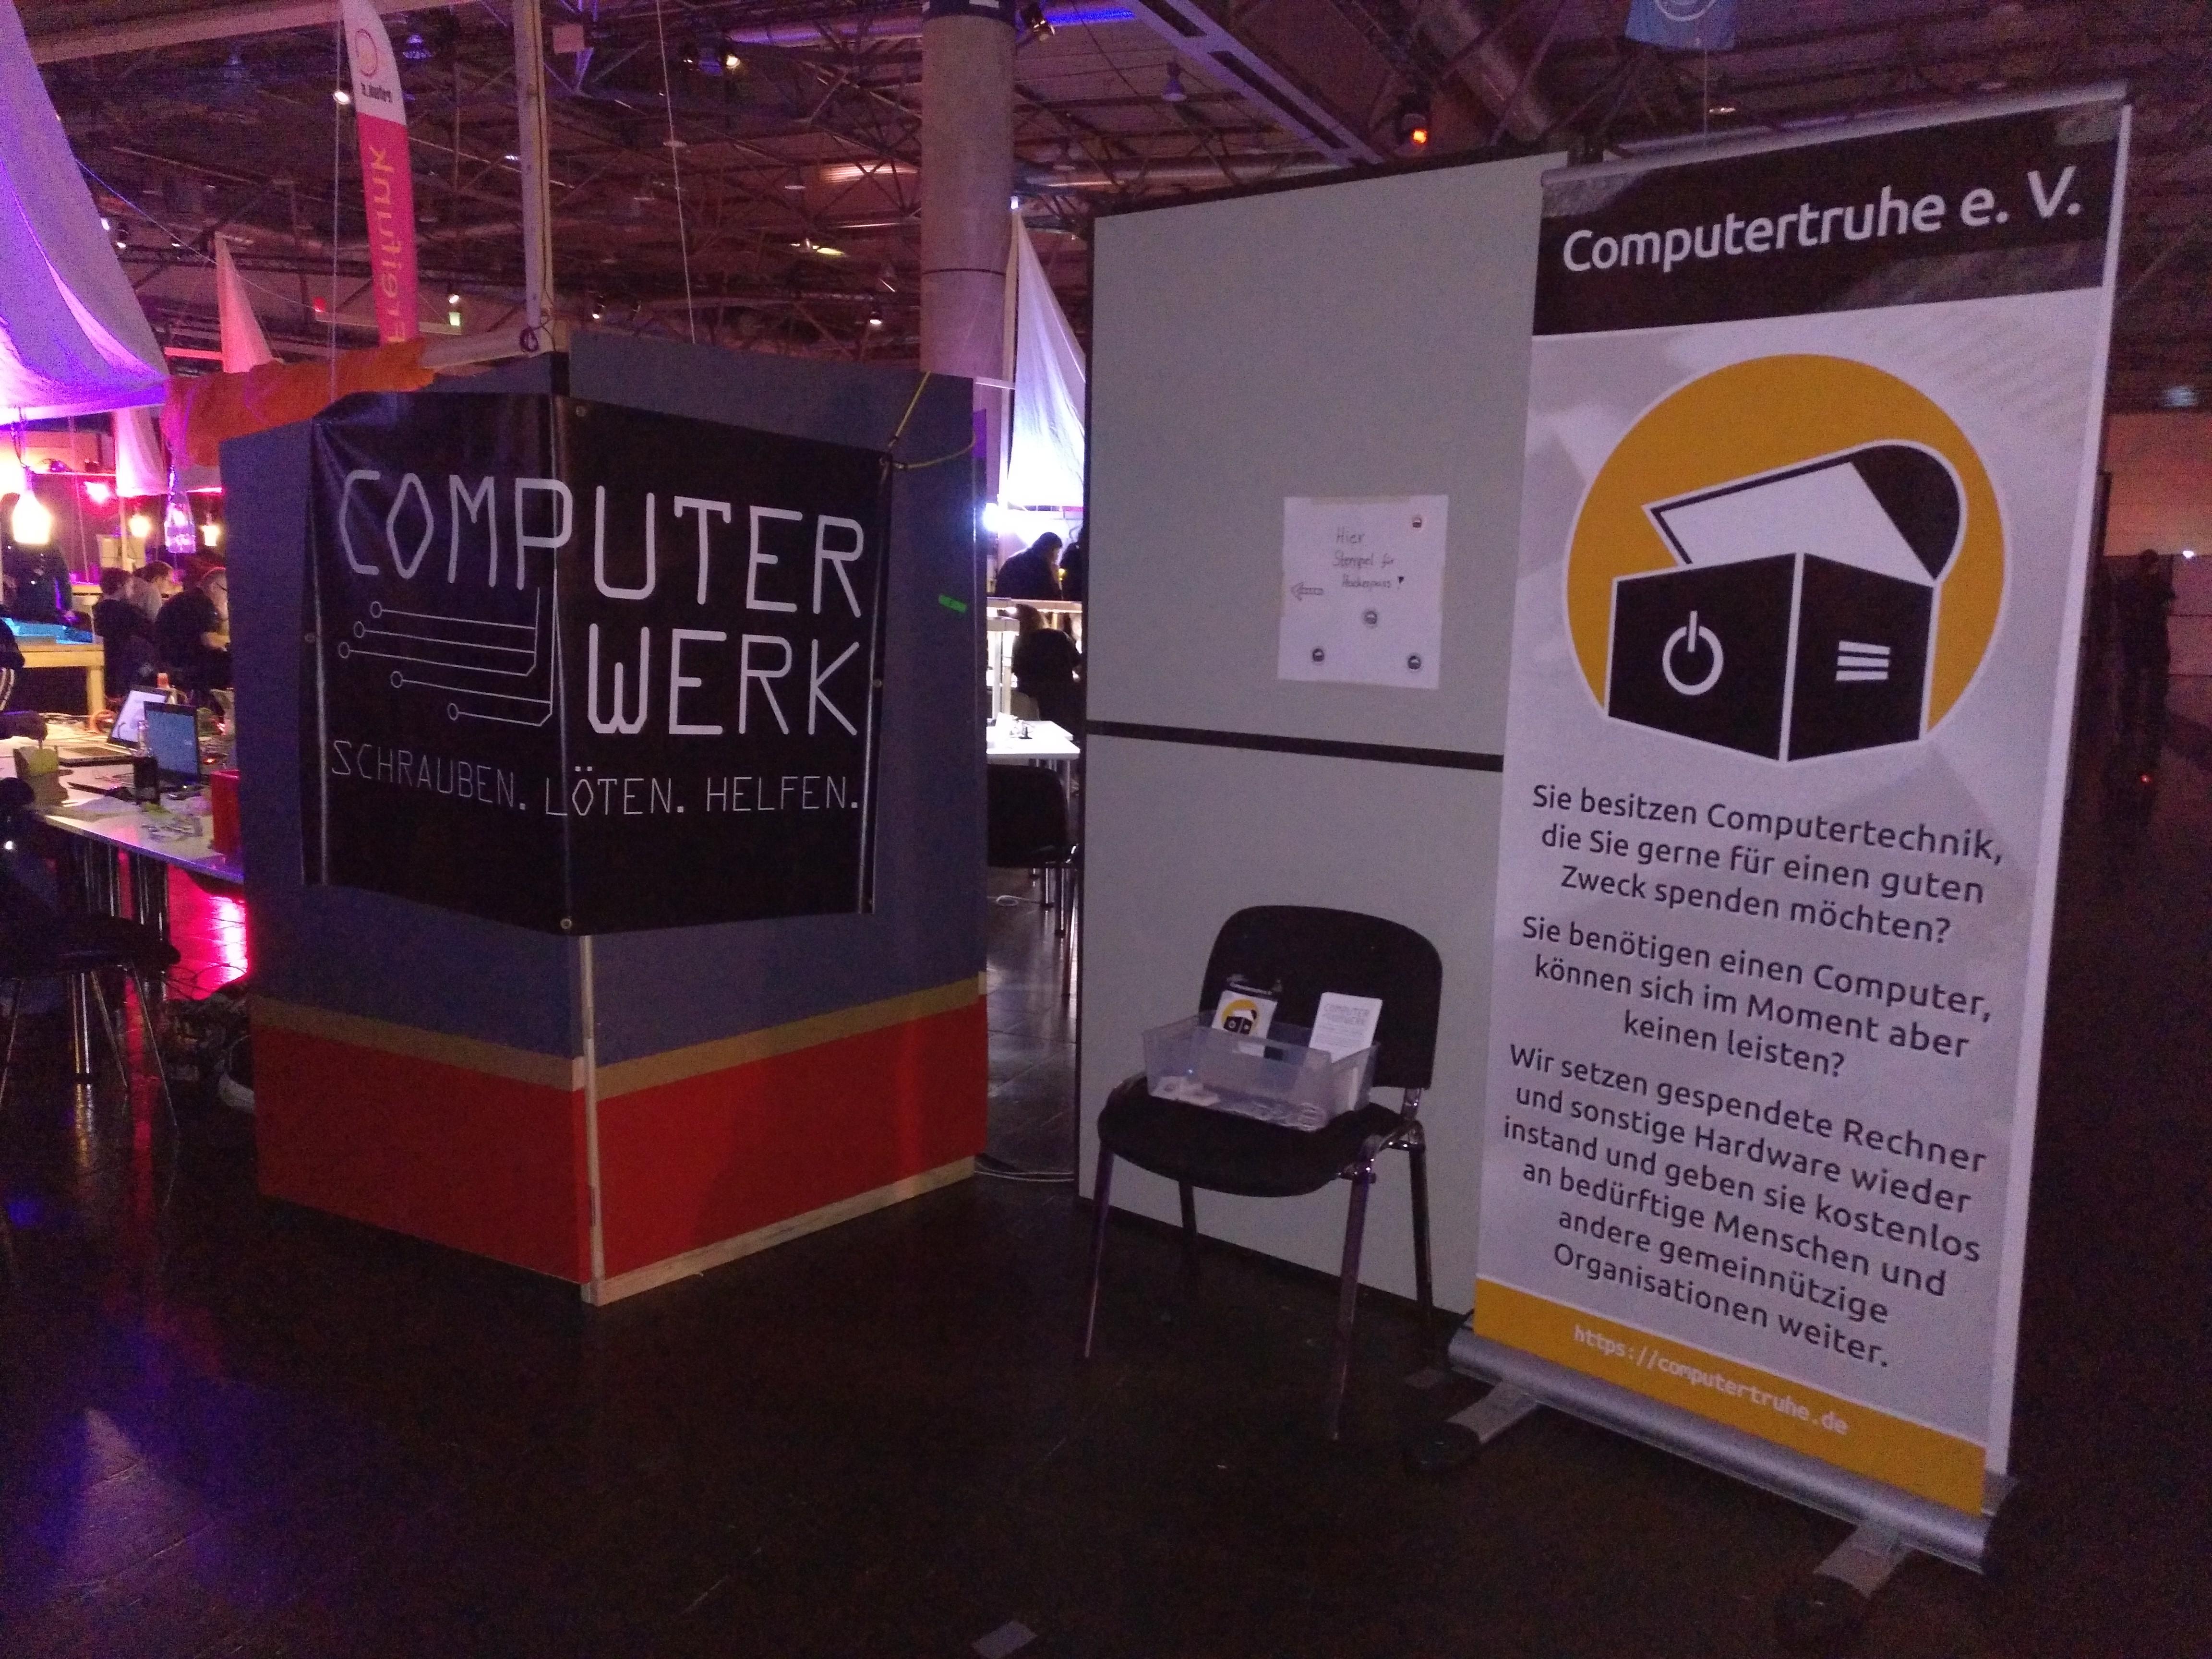 """Neben dem Roll-Up der """"Computertruhe"""" mit Logo und kurzem Infotext steht ein Stuhl mit Faltblättern und Werbeartikeln, wie Aufklebern und Pins. Außerdem hängt ein Banner mit dem Logo des """"Computerwerks"""" an einer Stellwand."""